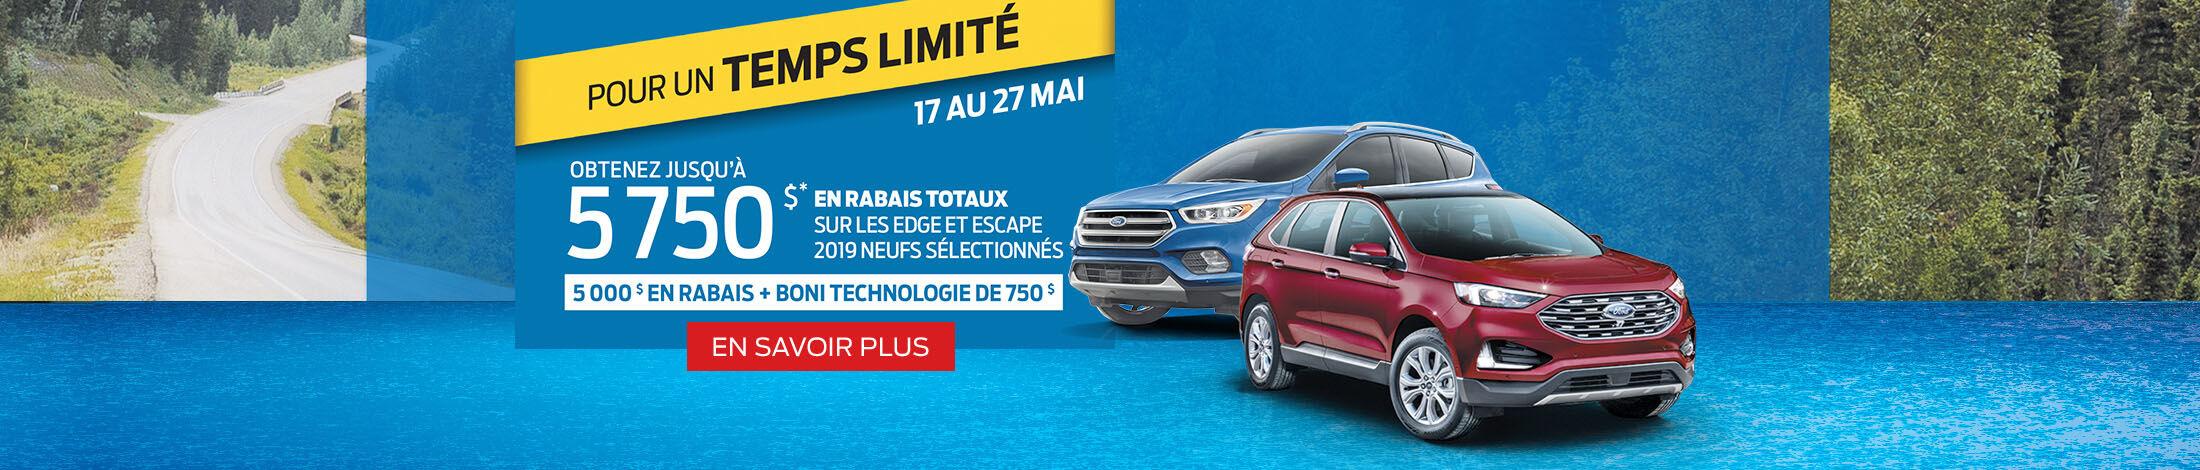 Edge et escape 2019 offre de Ford